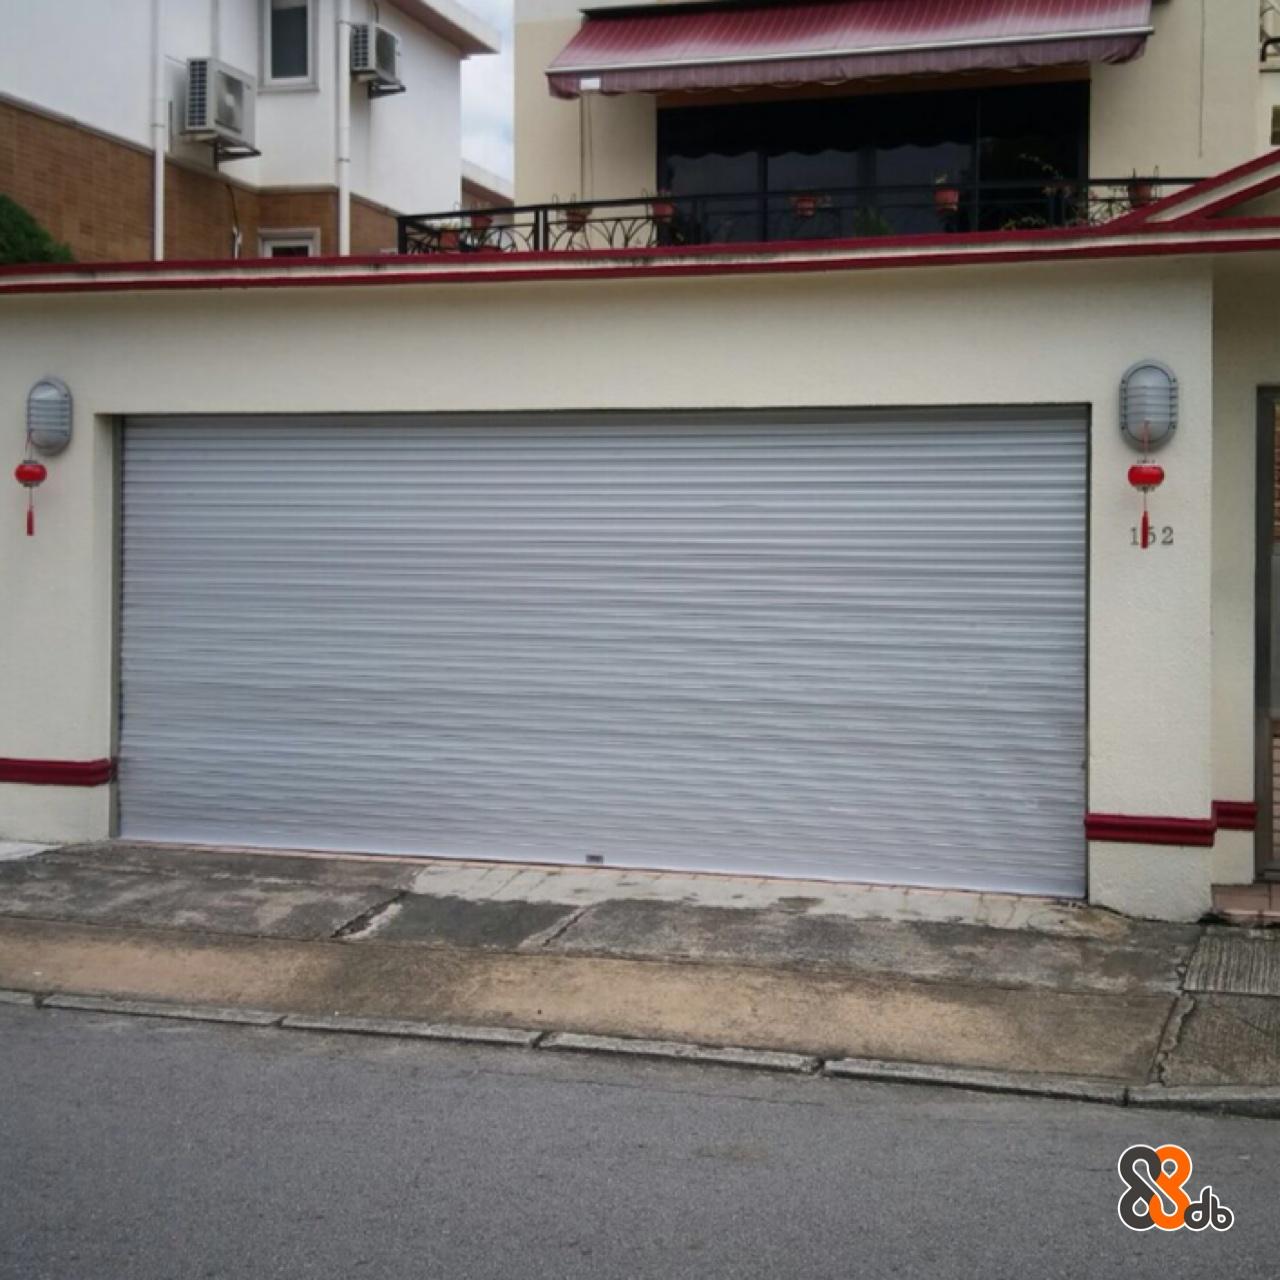 garage door,garage,building,door,area